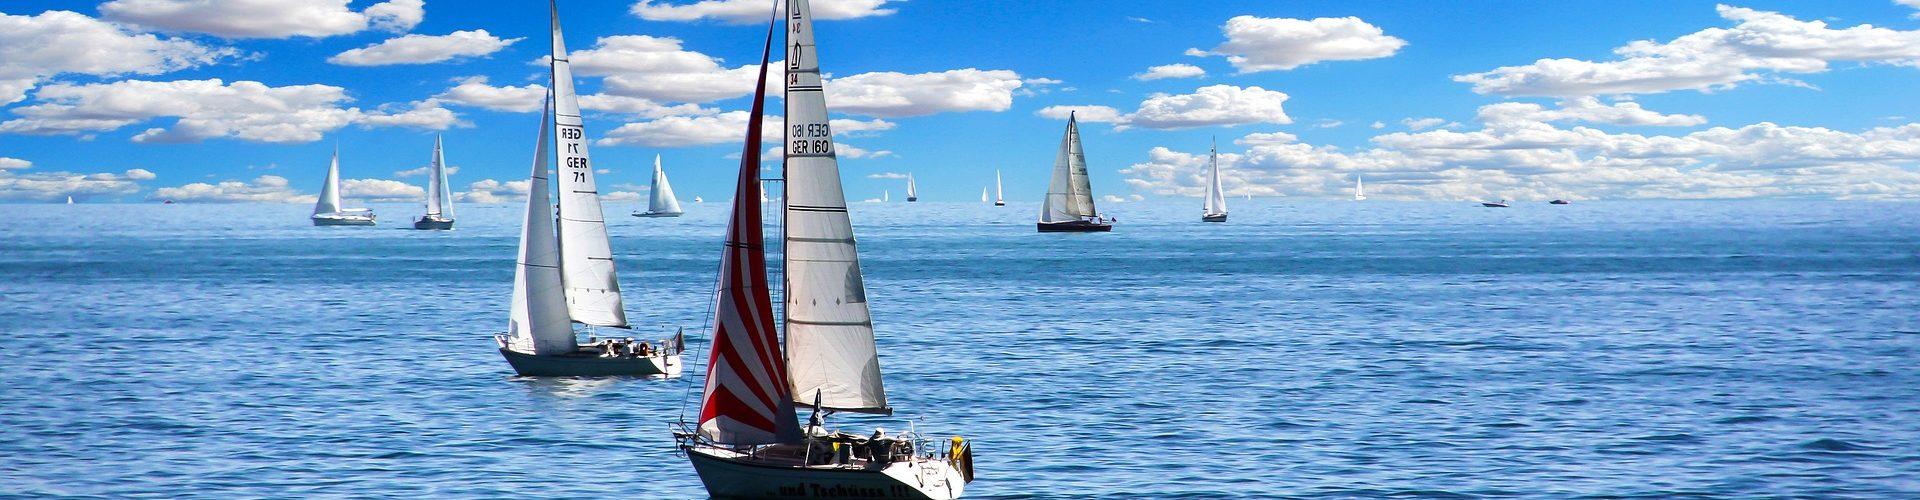 segeln lernen in Rheda Wiedenbrück segelschein machen in Rheda Wiedenbrück 1920x500 - Segeln lernen in Rheda-Wiedenbrück